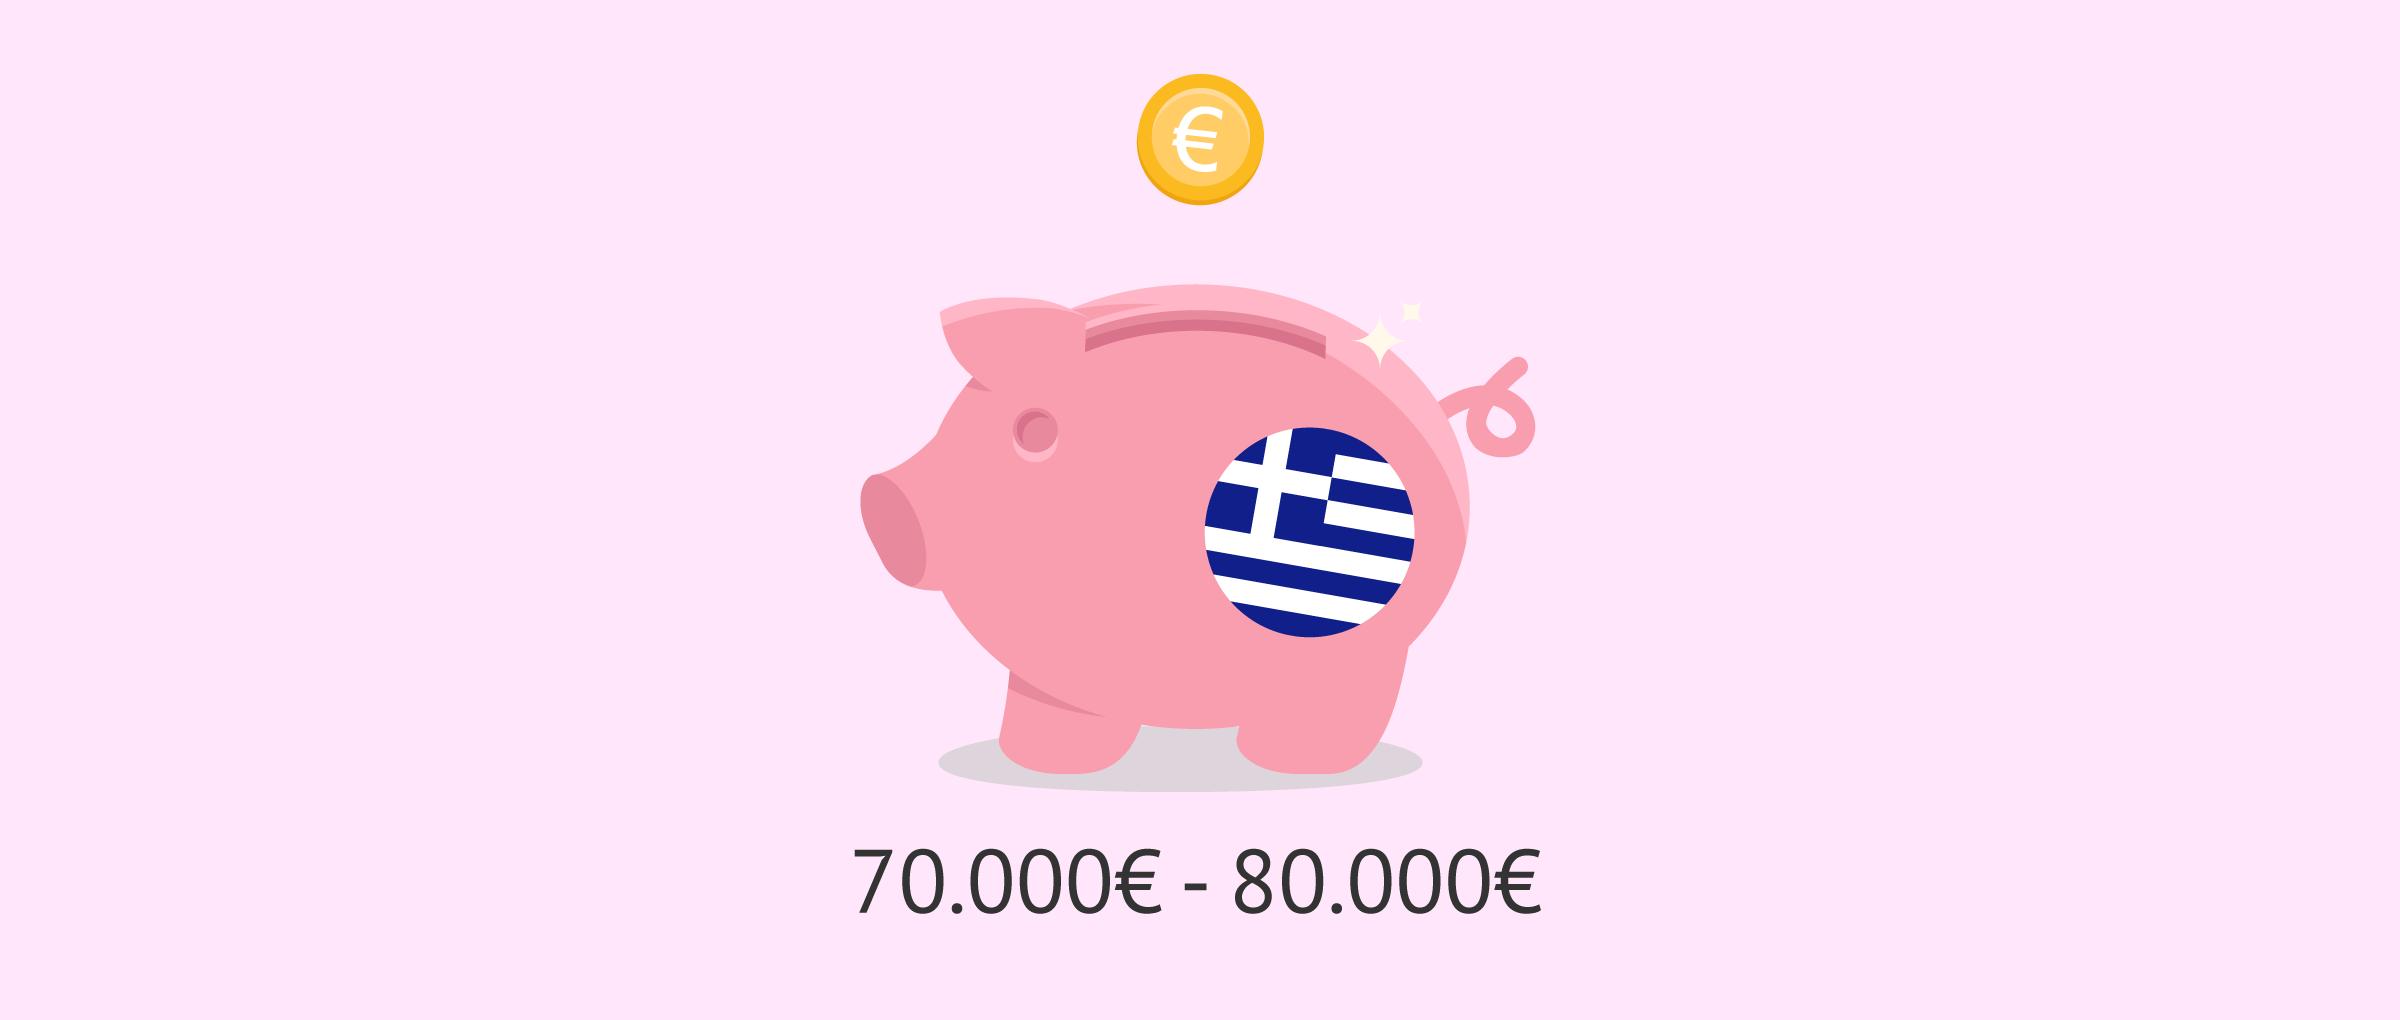 Was die Leihmutterschaft in Griechenland kostet